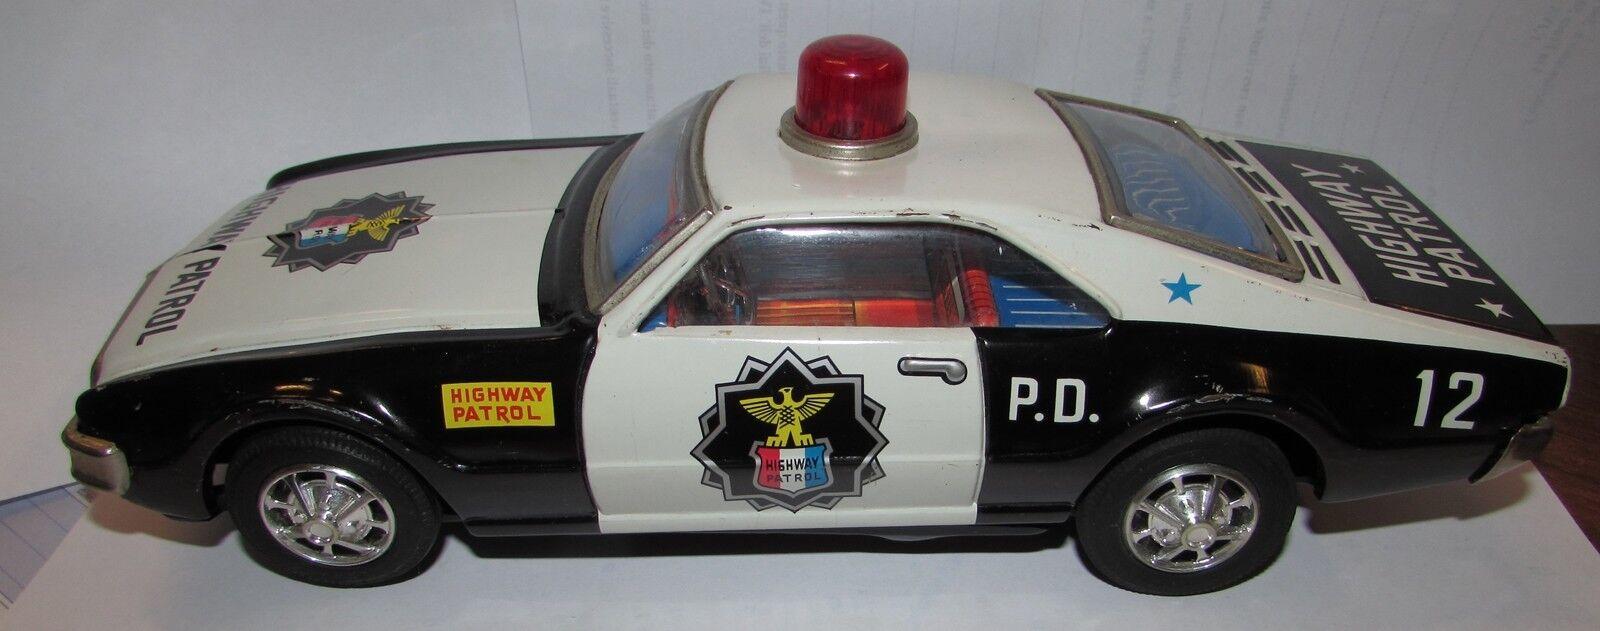 prezzi eccellenti Highway patrol polizia tin giocattolo auto auto auto  costo effettivo